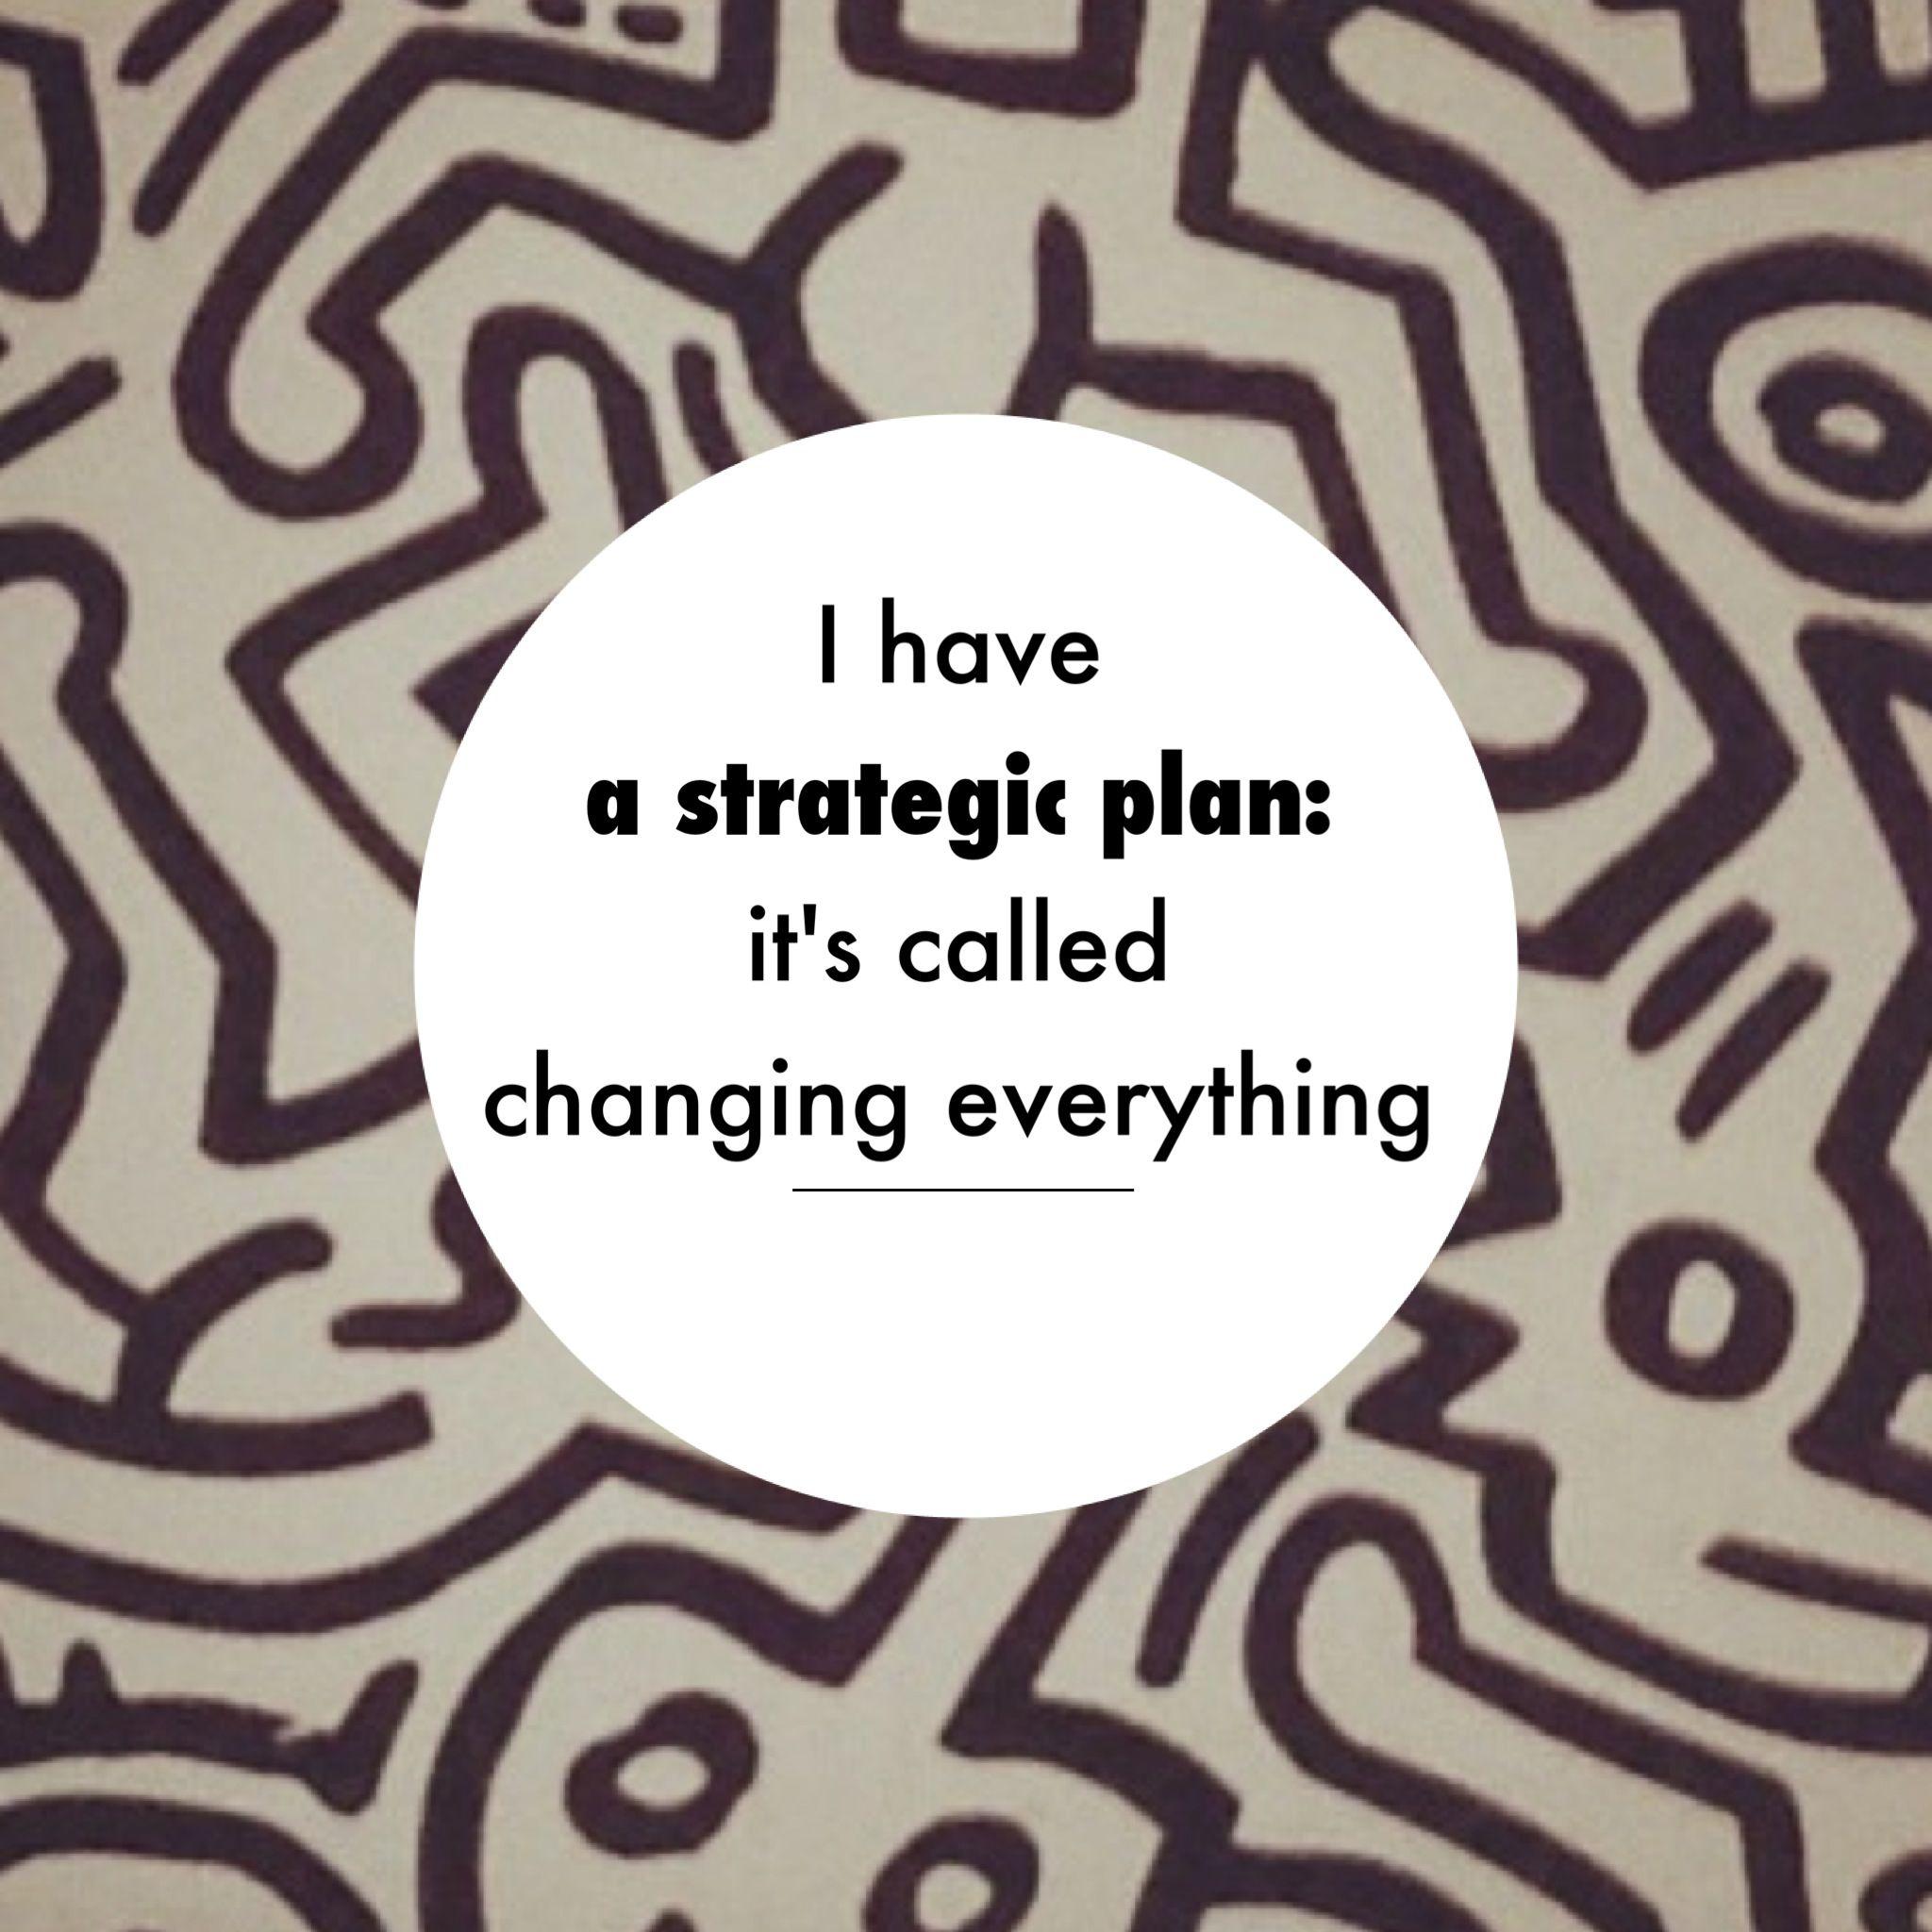 Strategic plan called changing everything